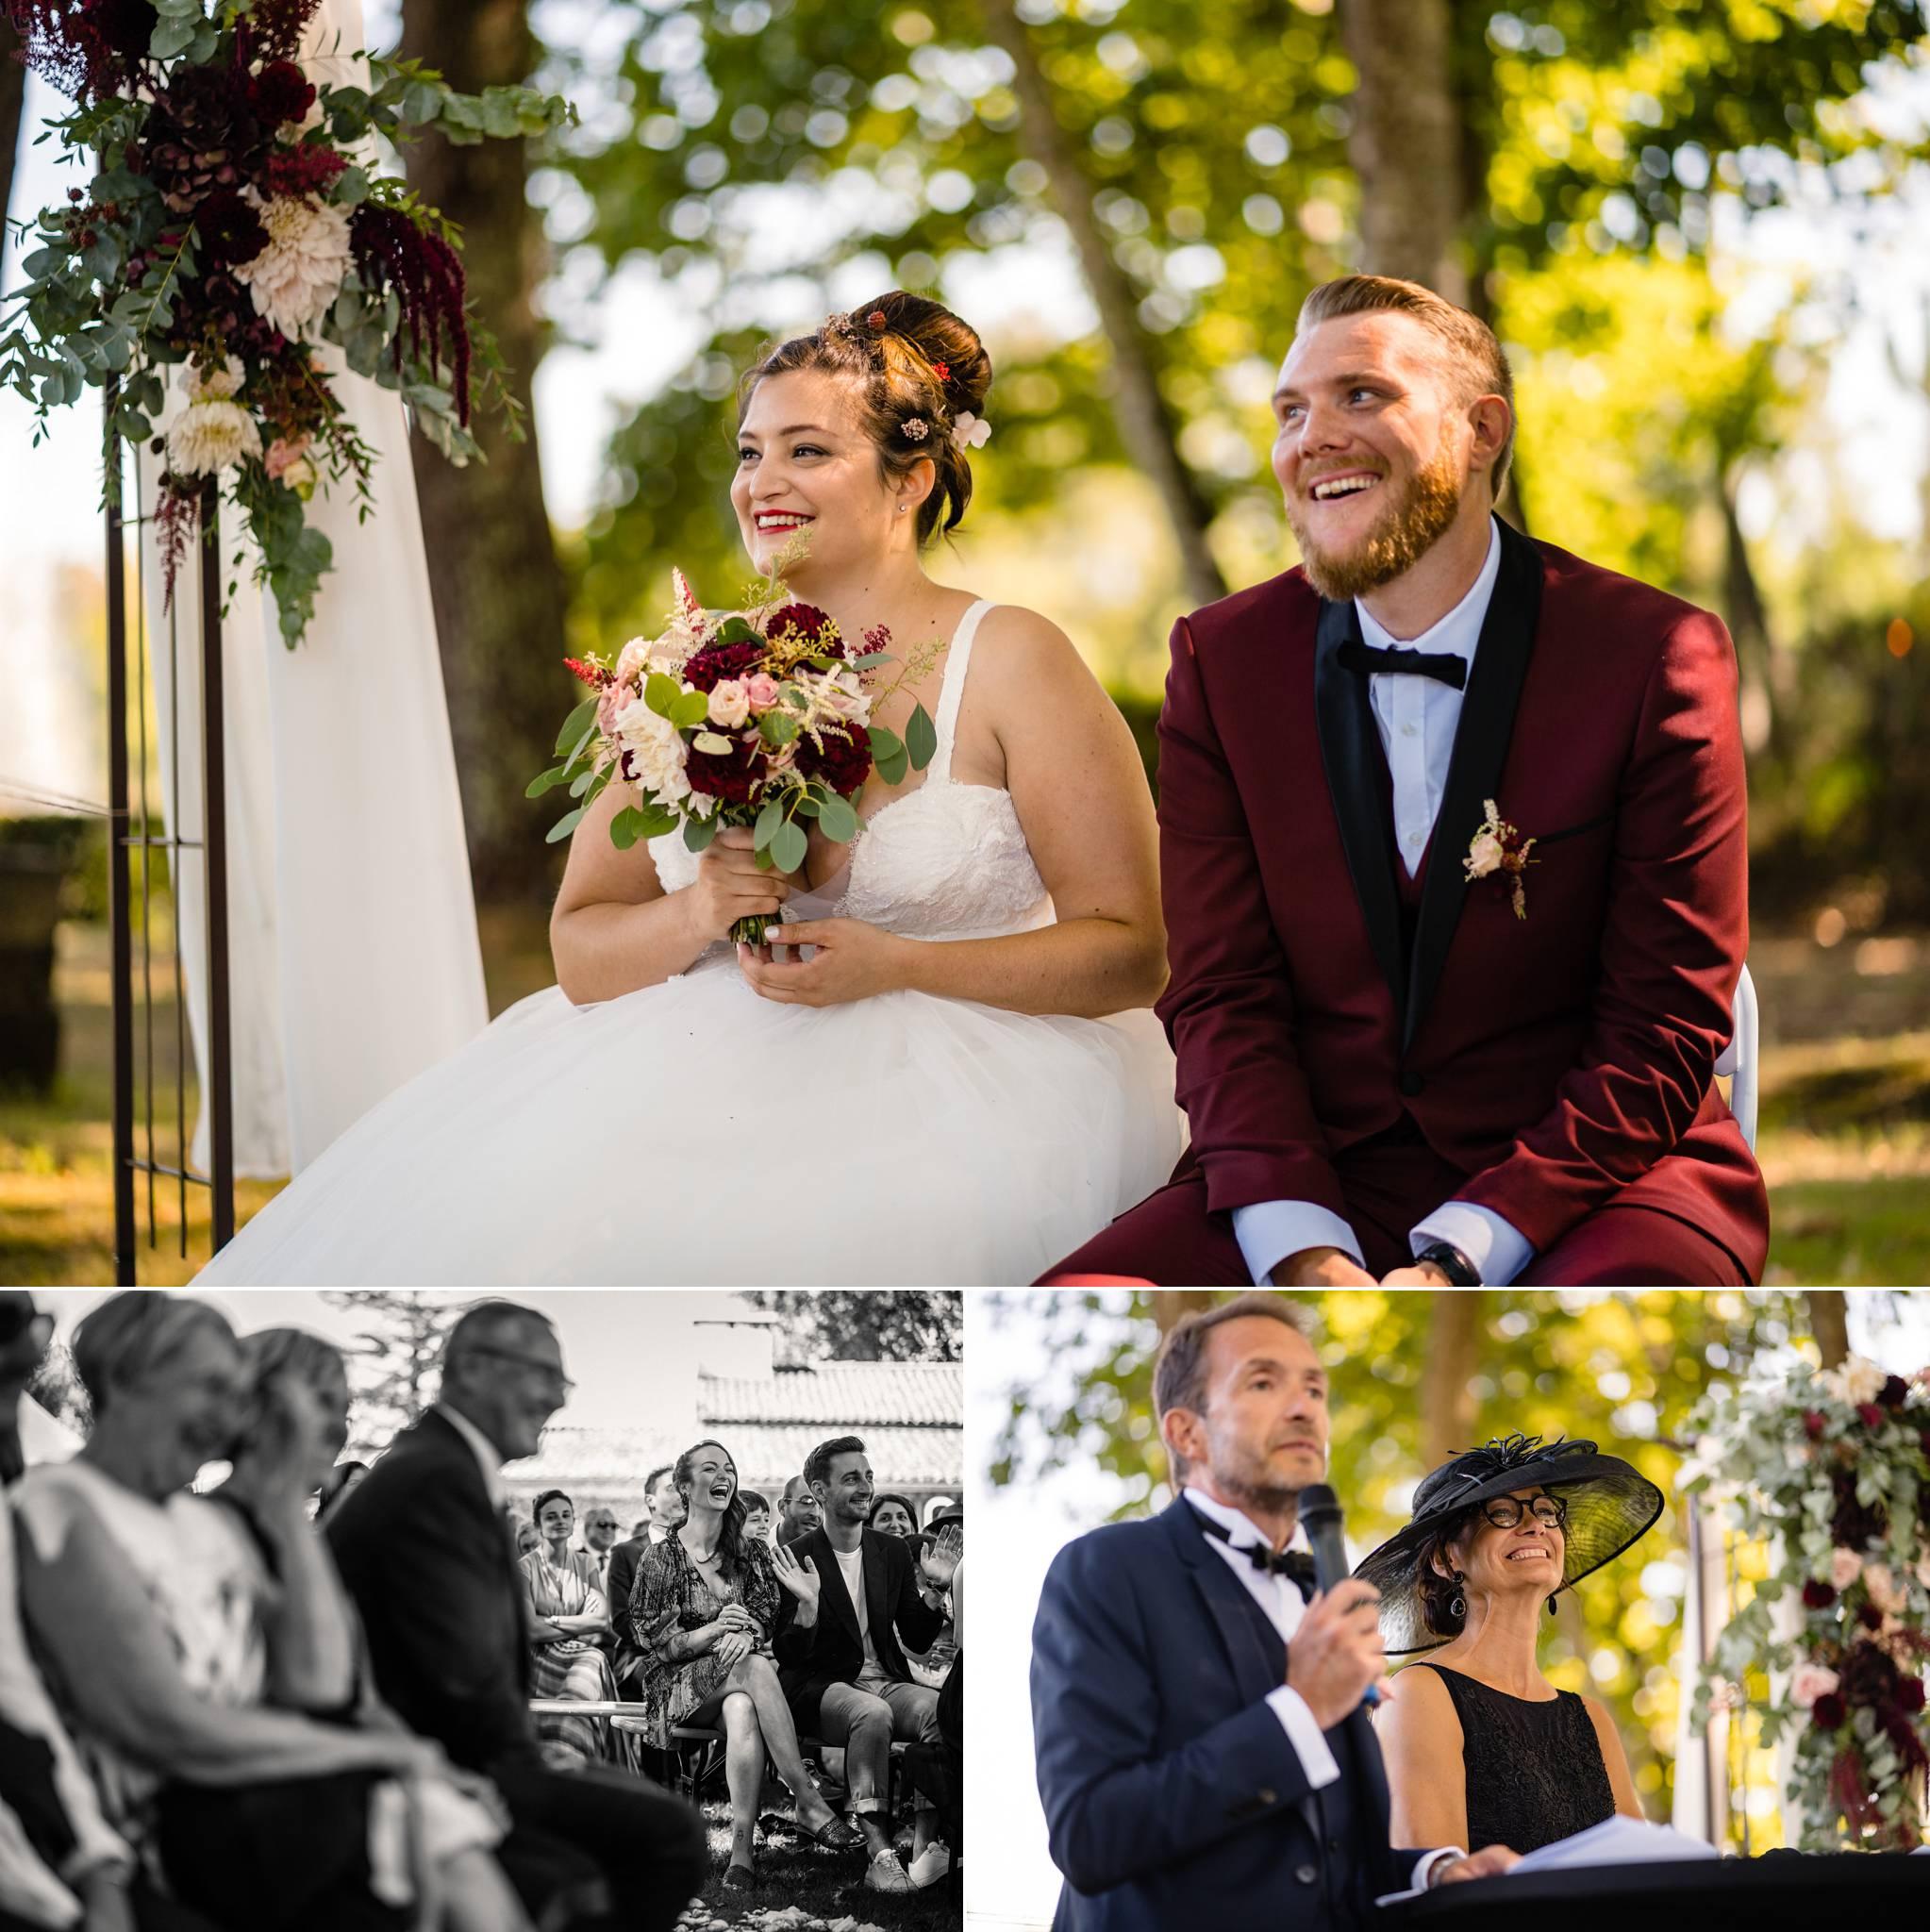 L'aperçu du mariage laïque de Marion et Jonathan au Domaine de Cordet. Avec une décoration inspirée d'Harry Potter. Alexandre Roschewitz, photographe mariage au Domaine de Cordet.